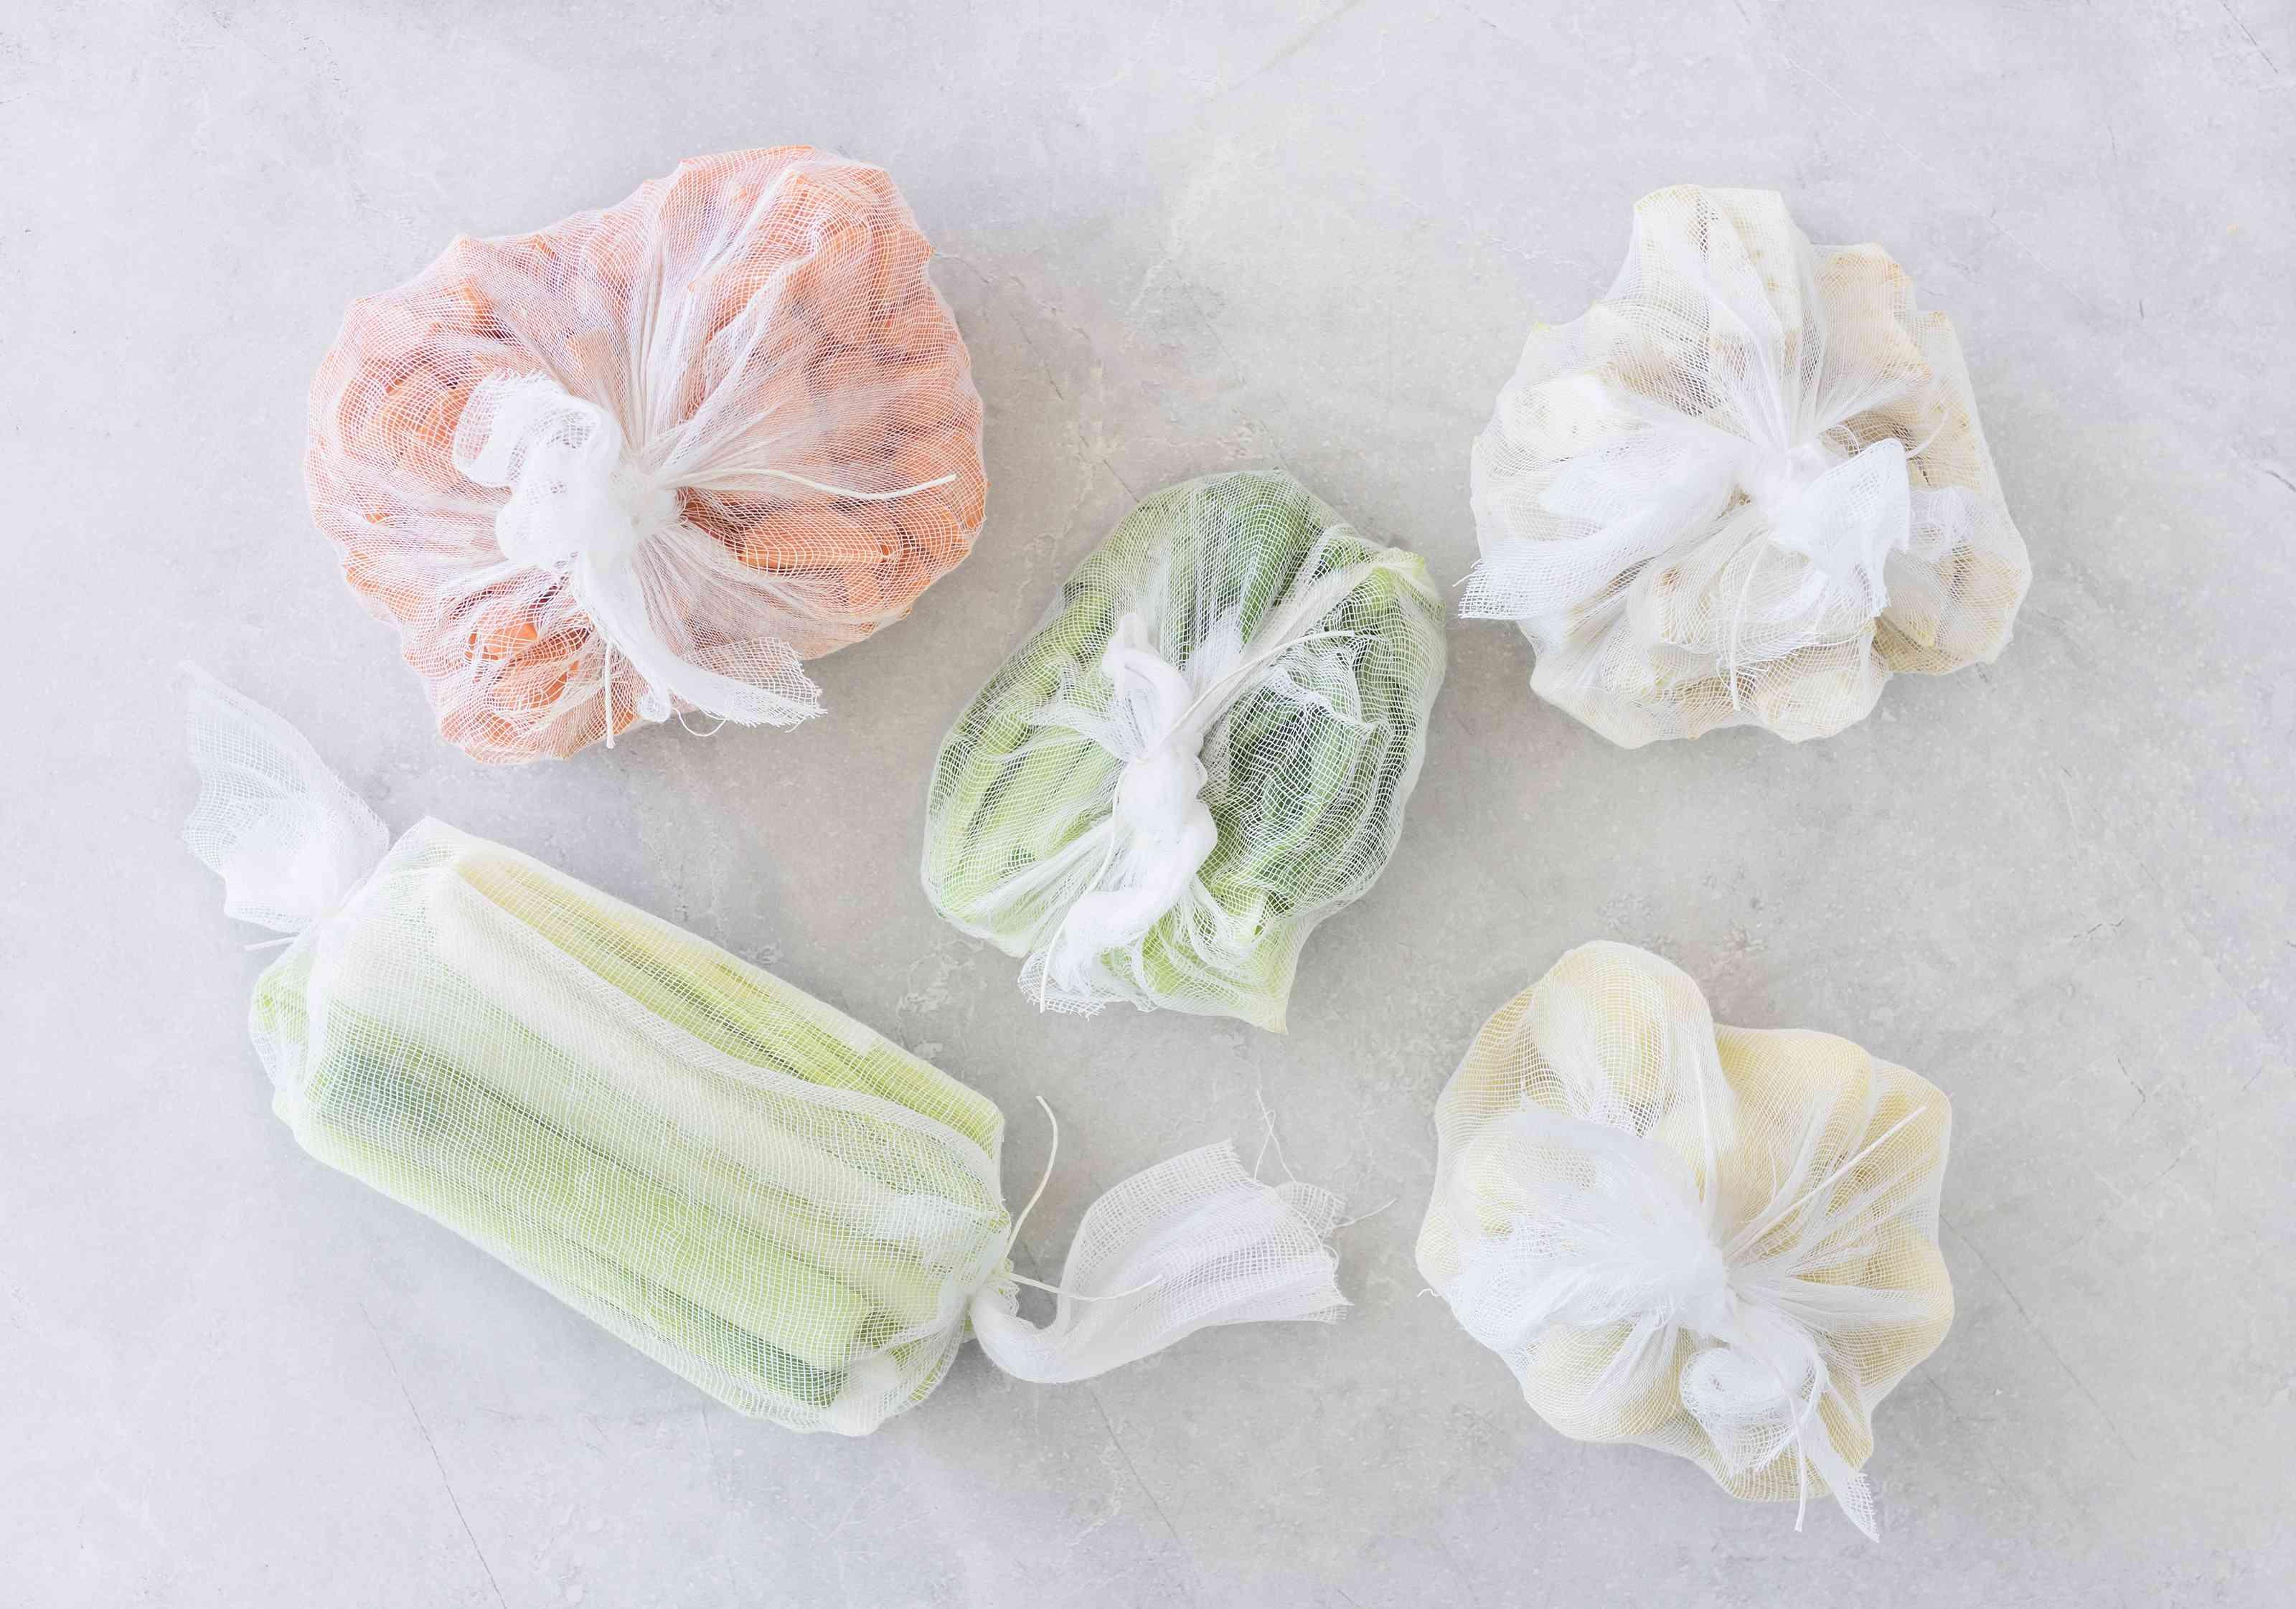 Wrap celery, carrots, leeks